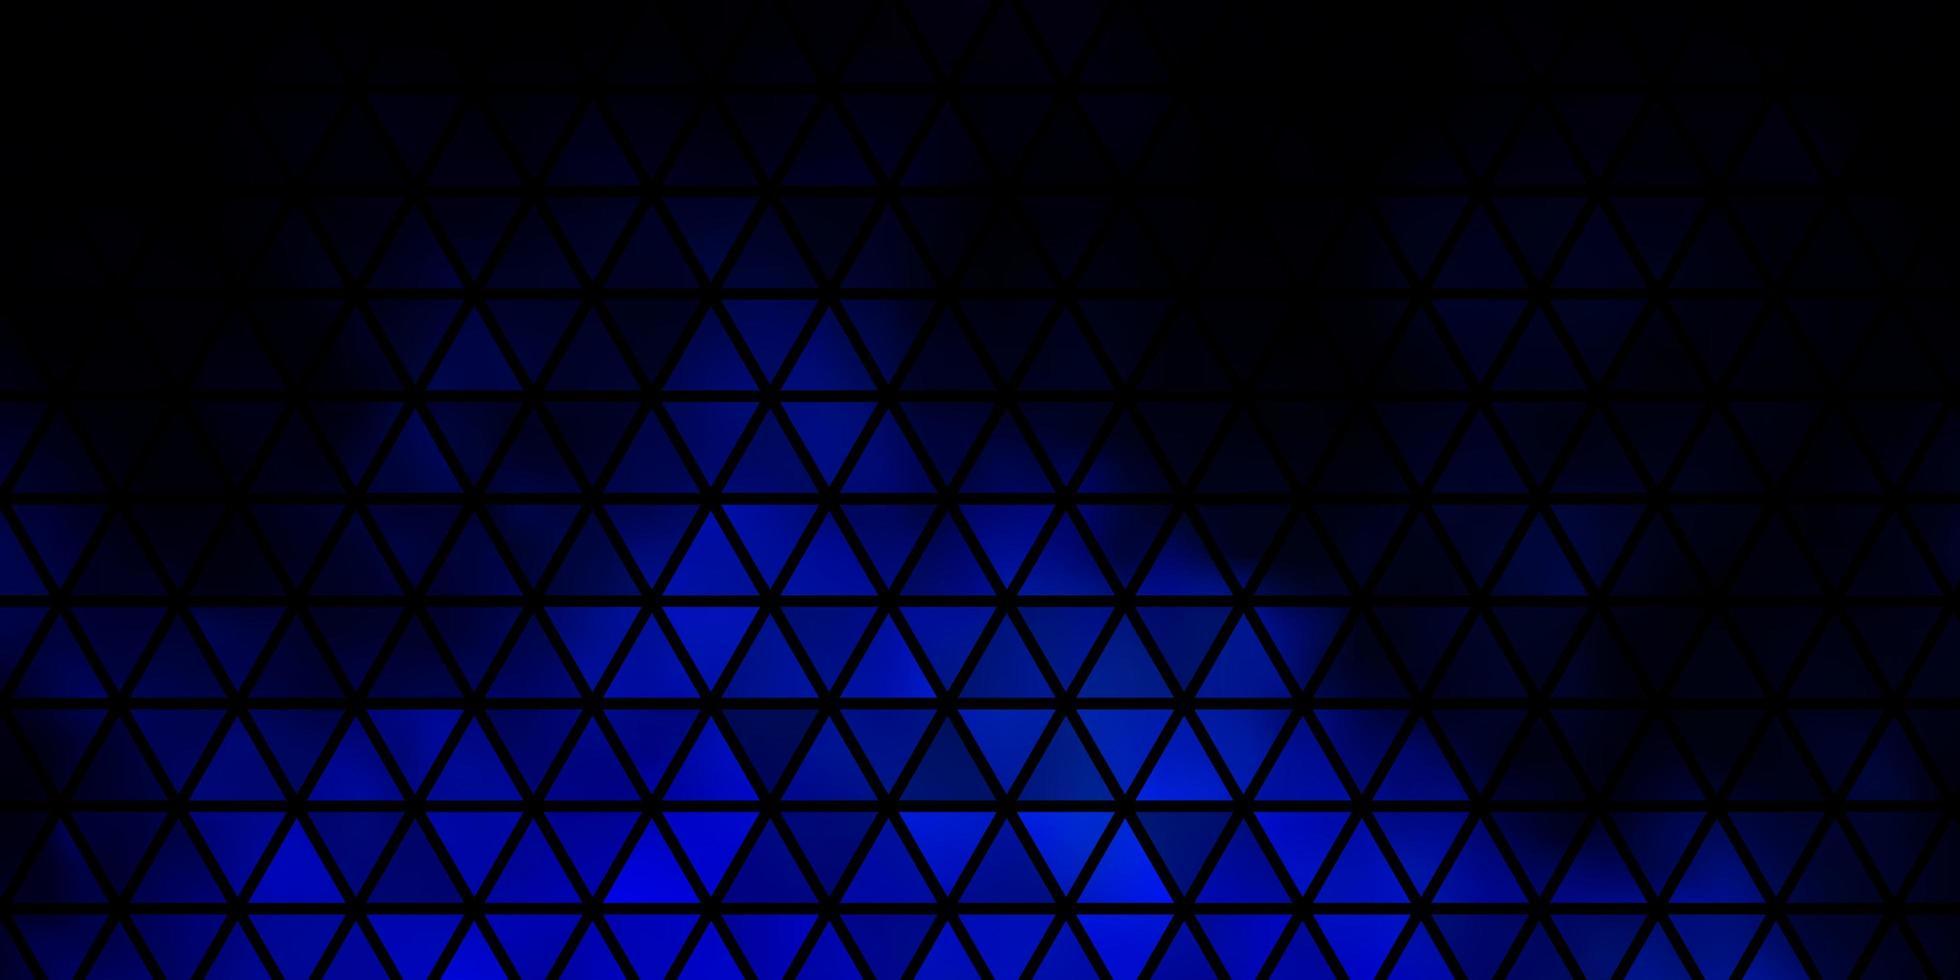 texture de vecteur bleu foncé avec un style triangulaire.